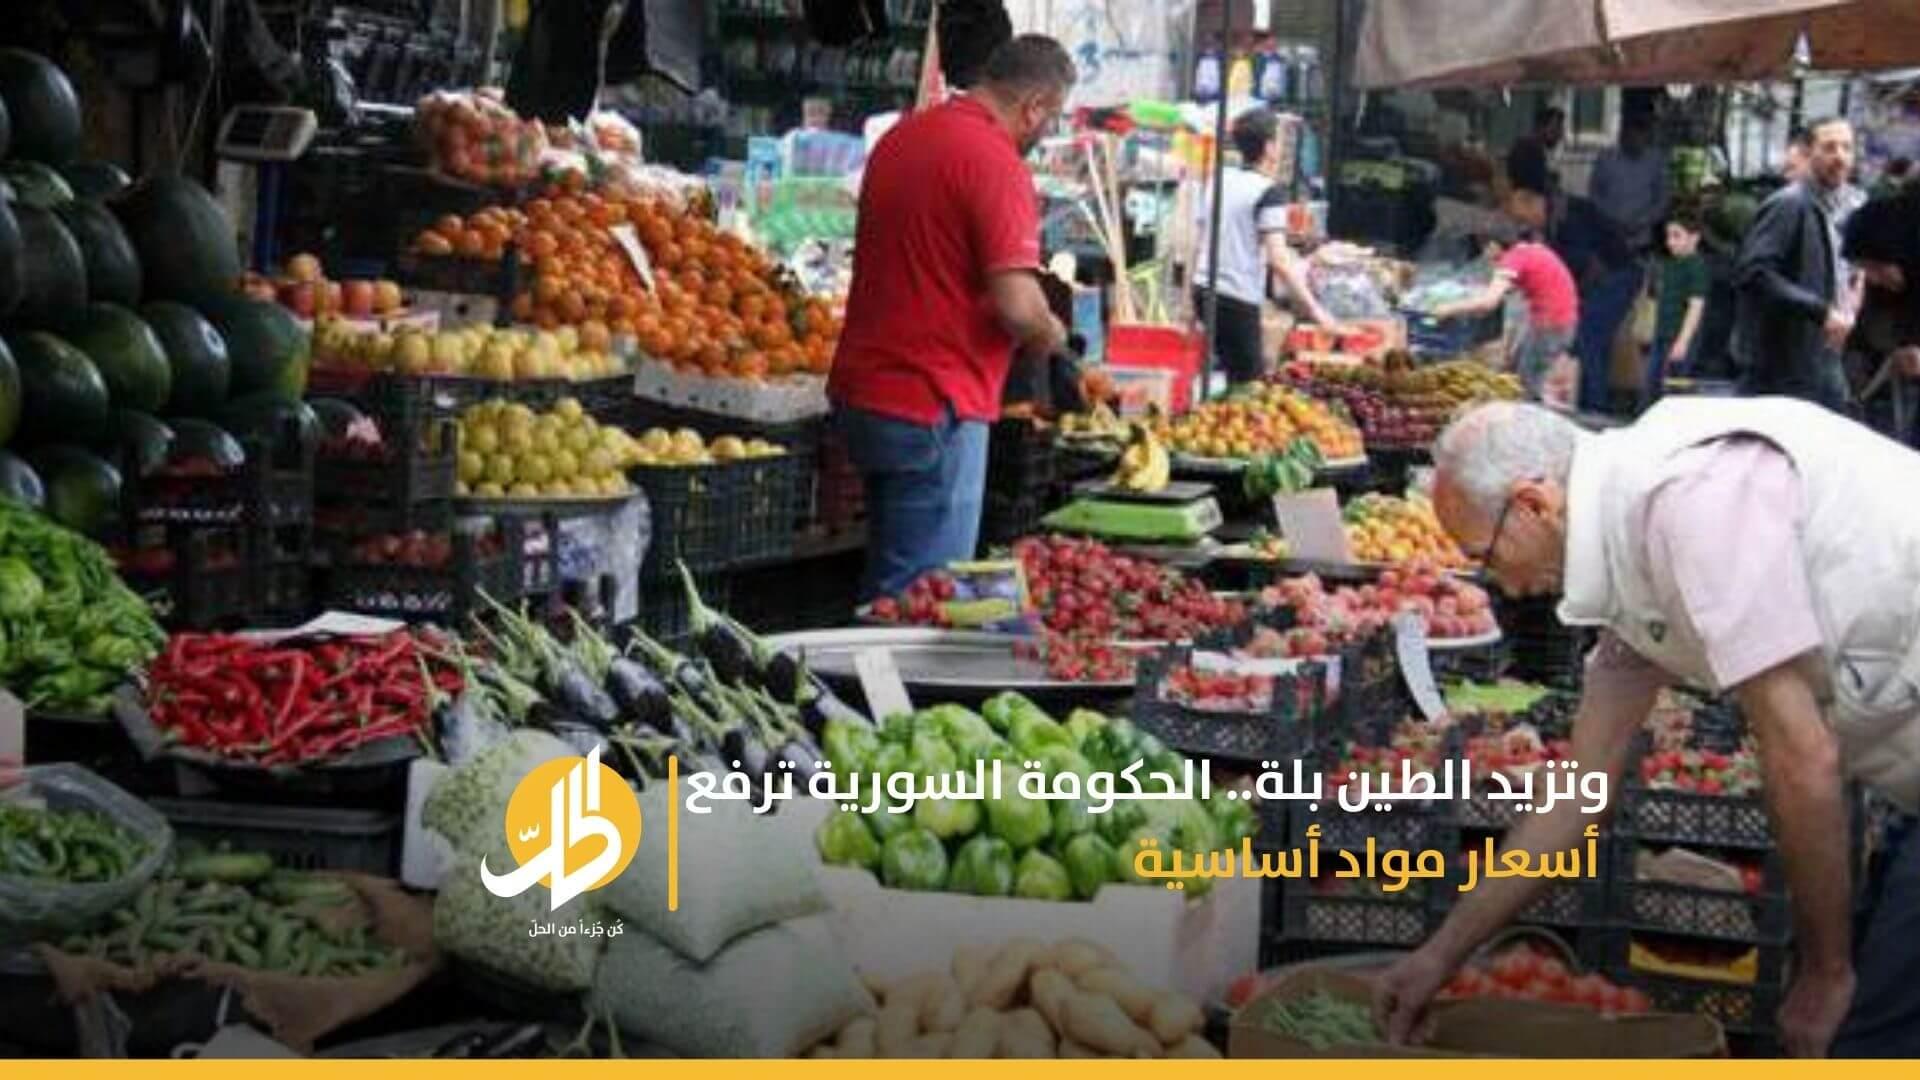 وتزيد الطين بلة.. الحكومة السورية ترفع أسعار مواد أساسية